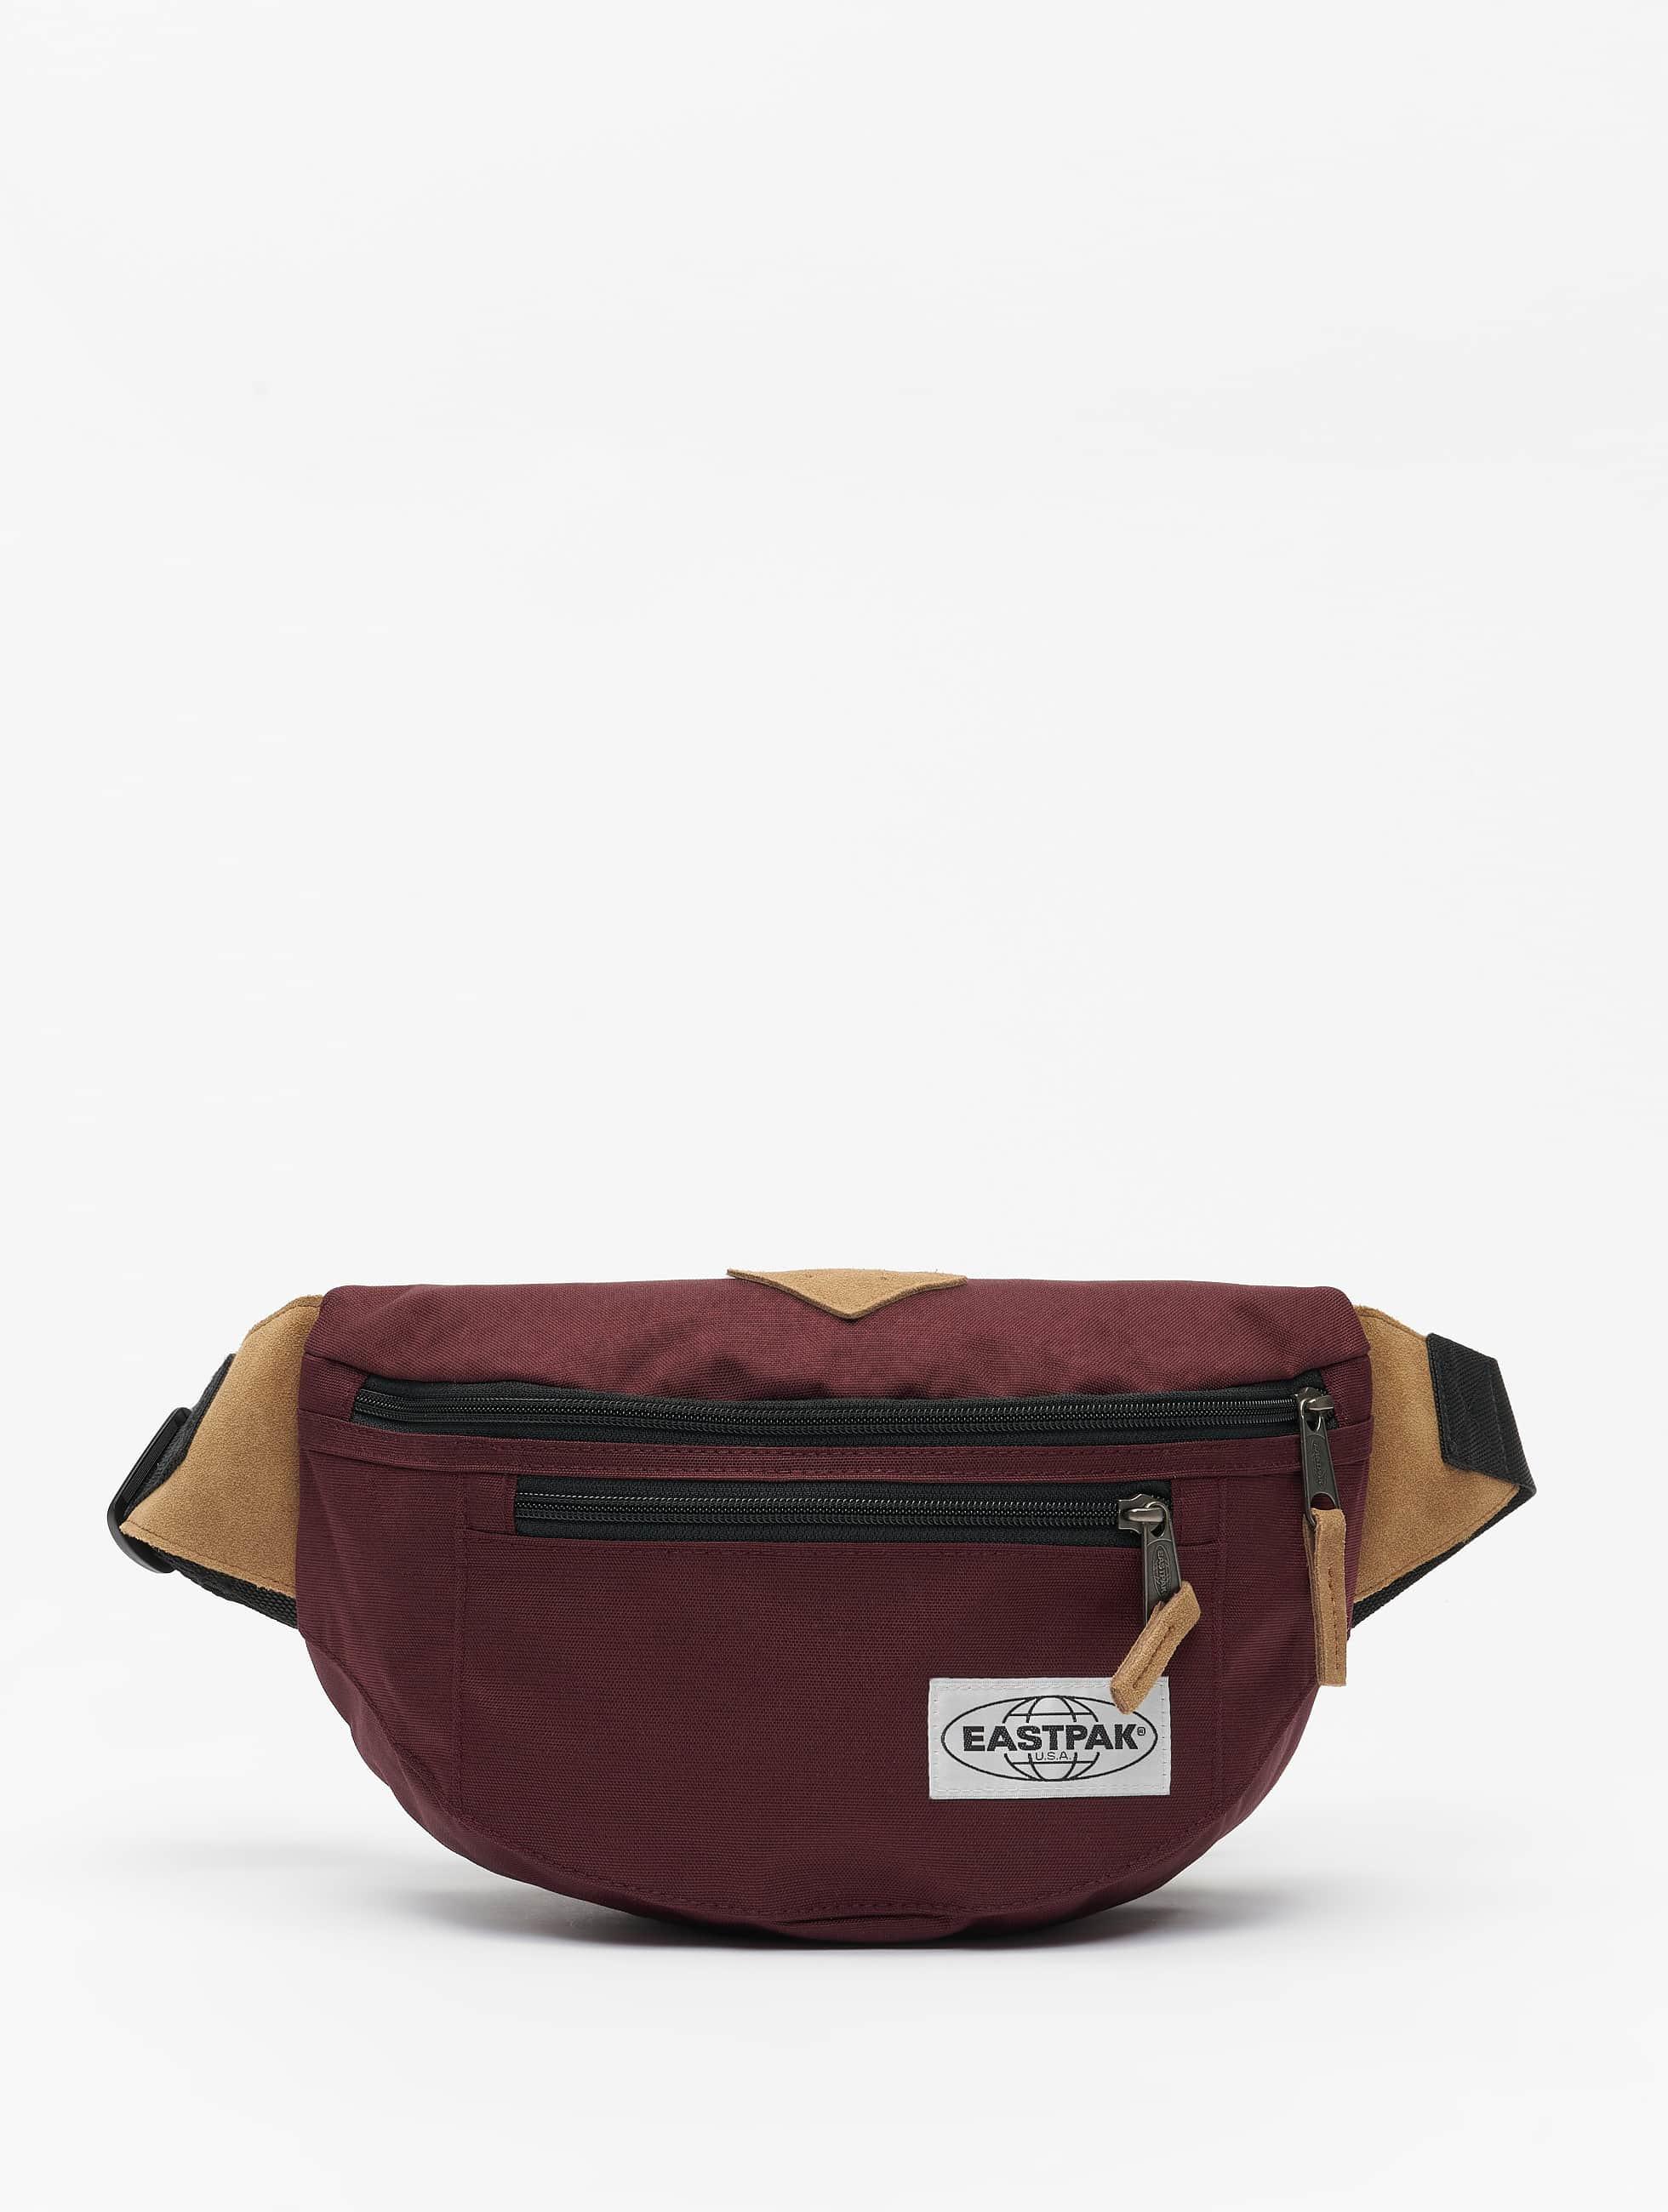 Eastpak Bundel Bag Into Wine